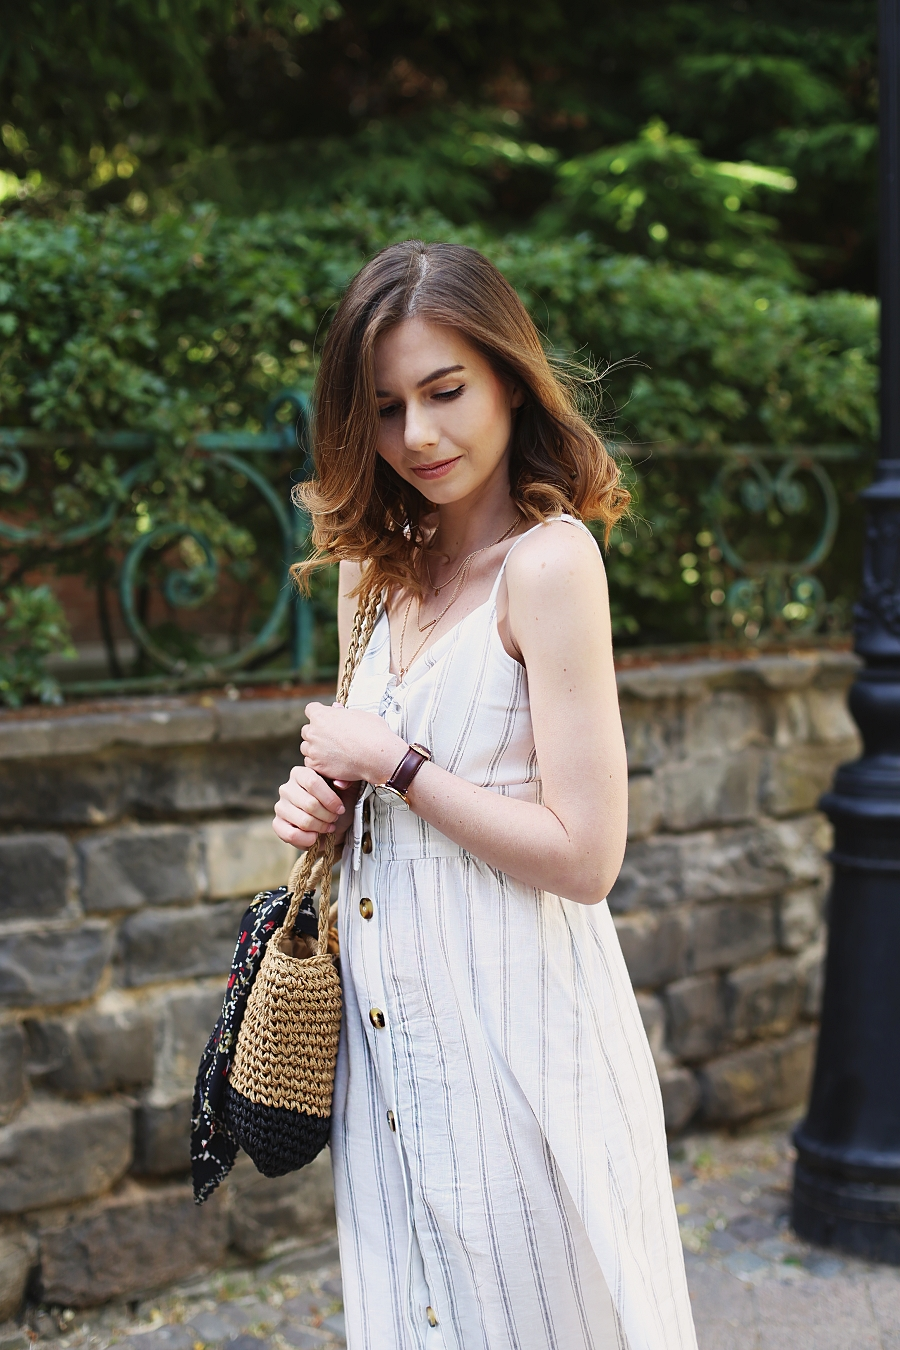 biała sukienka wiązana na biuście, naszyjnik kaskadowy, pleciona torebka